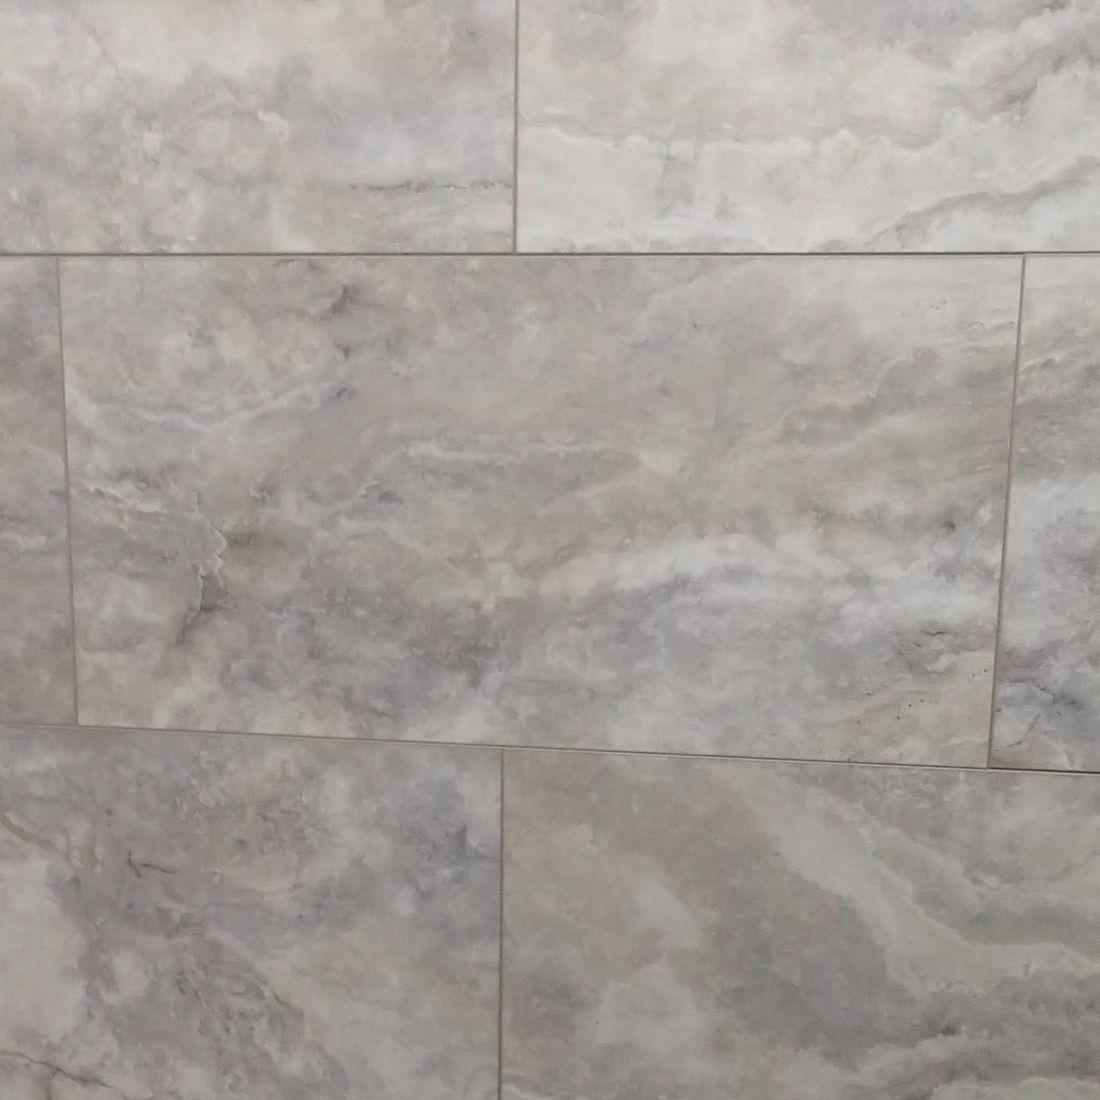 New Wall Tile